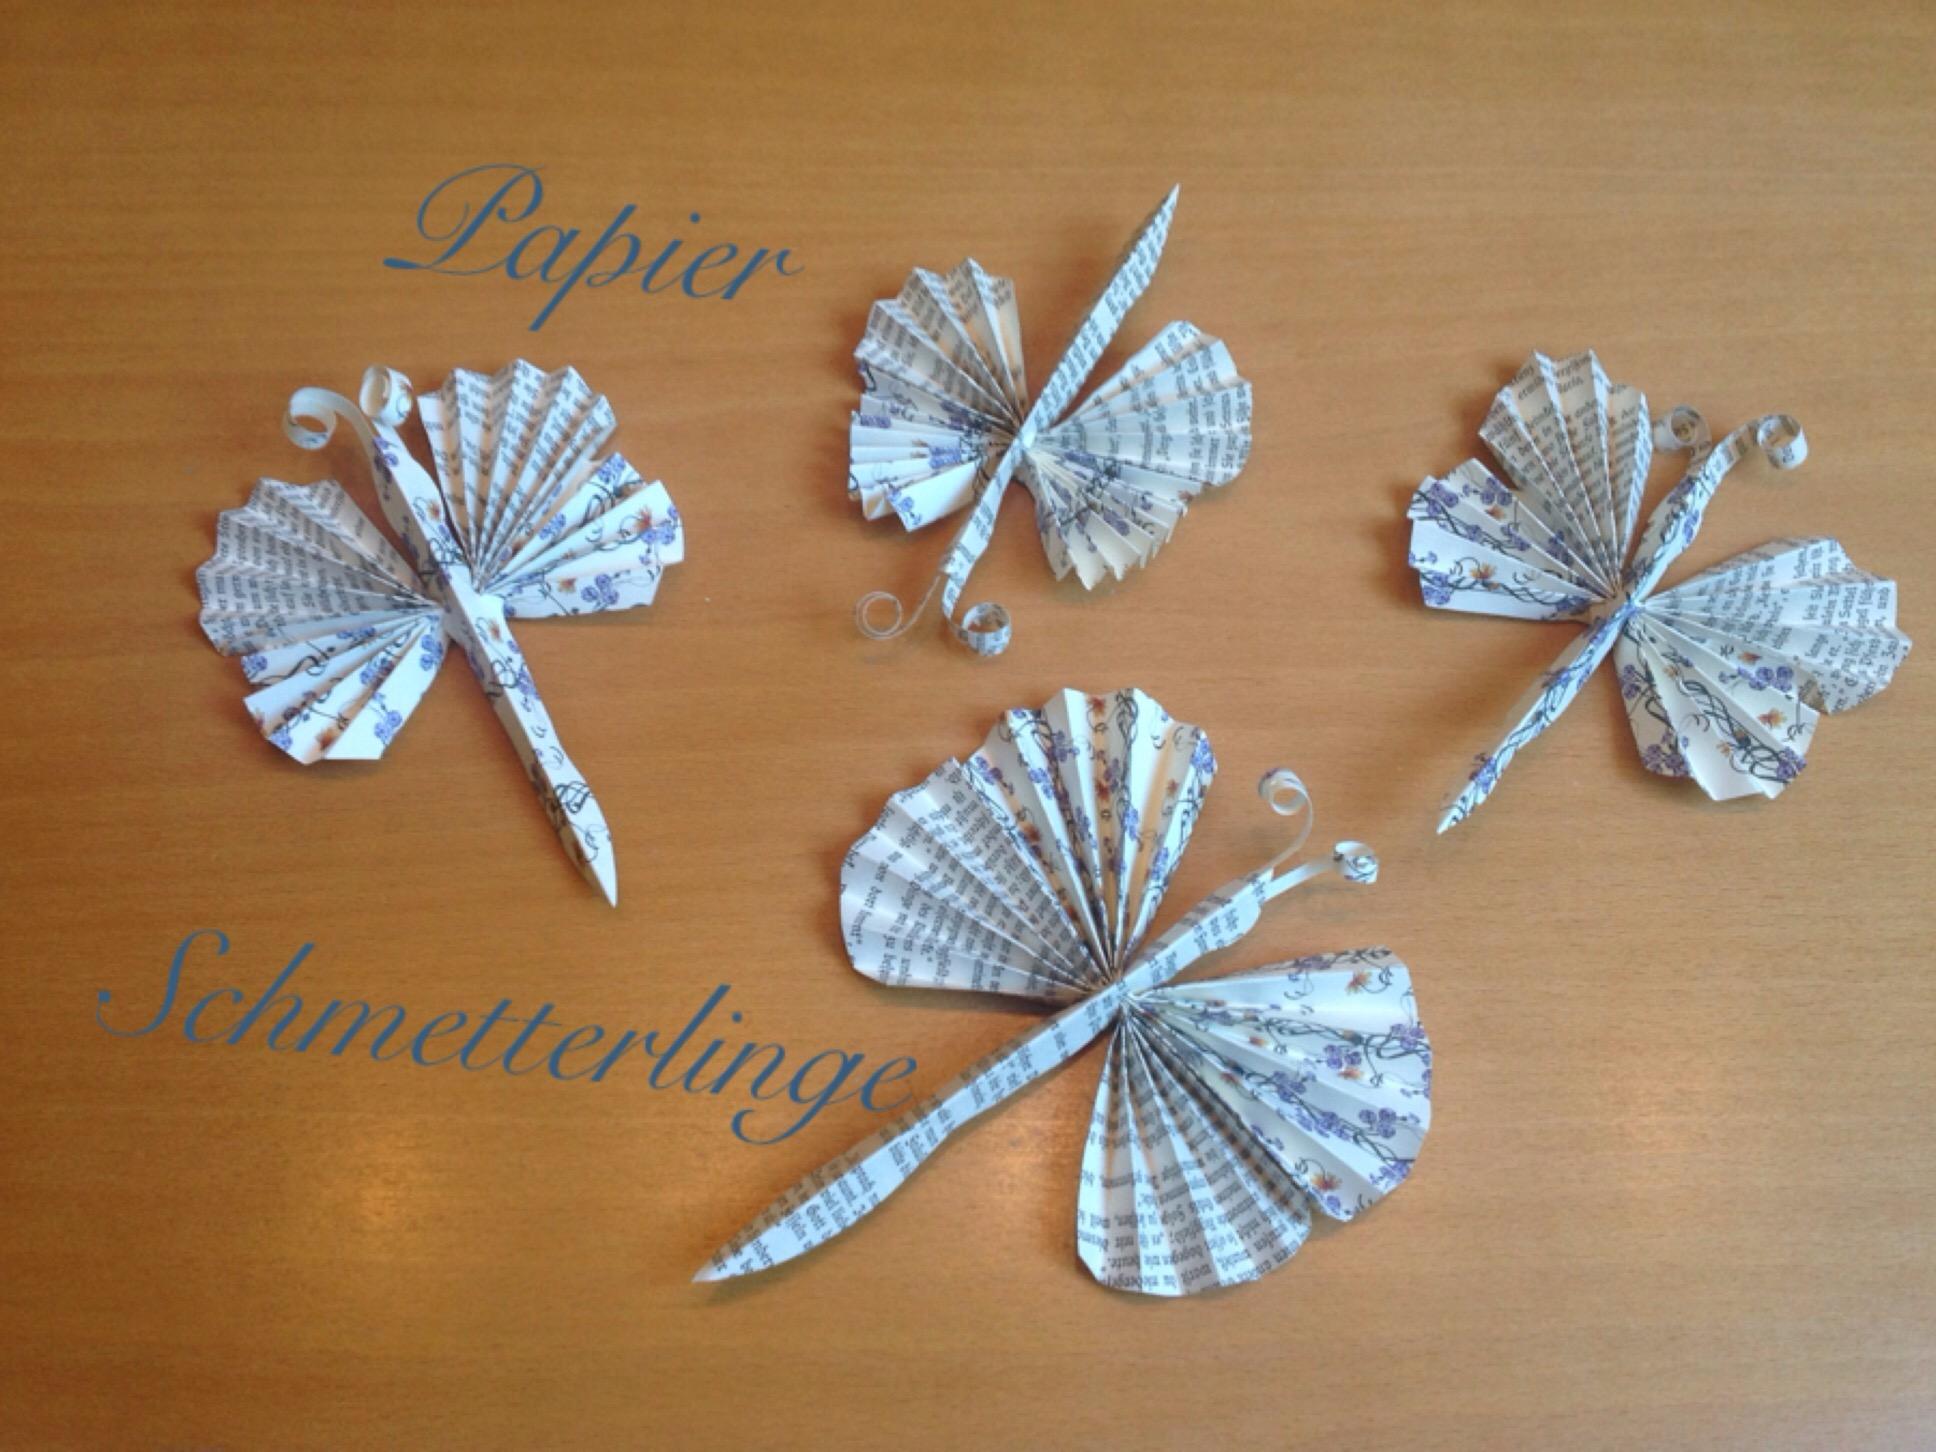 Schmetterlinge aus Papier – oder – Zuwachs für zwei Schmetterlinge